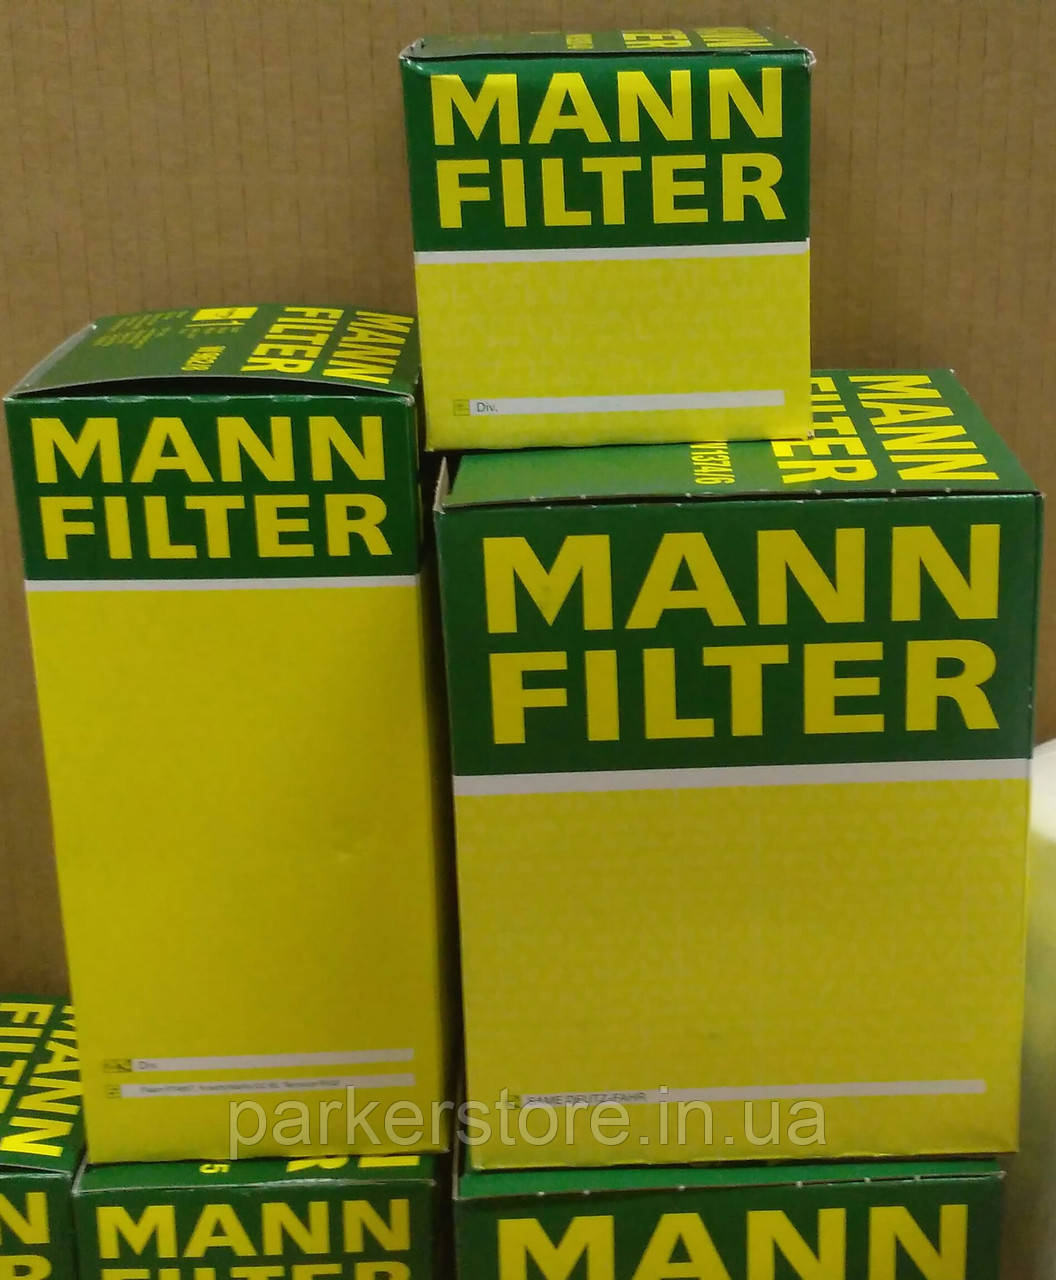 MANN FILTER / Воздушный фильтр / C 12 102 / C12102